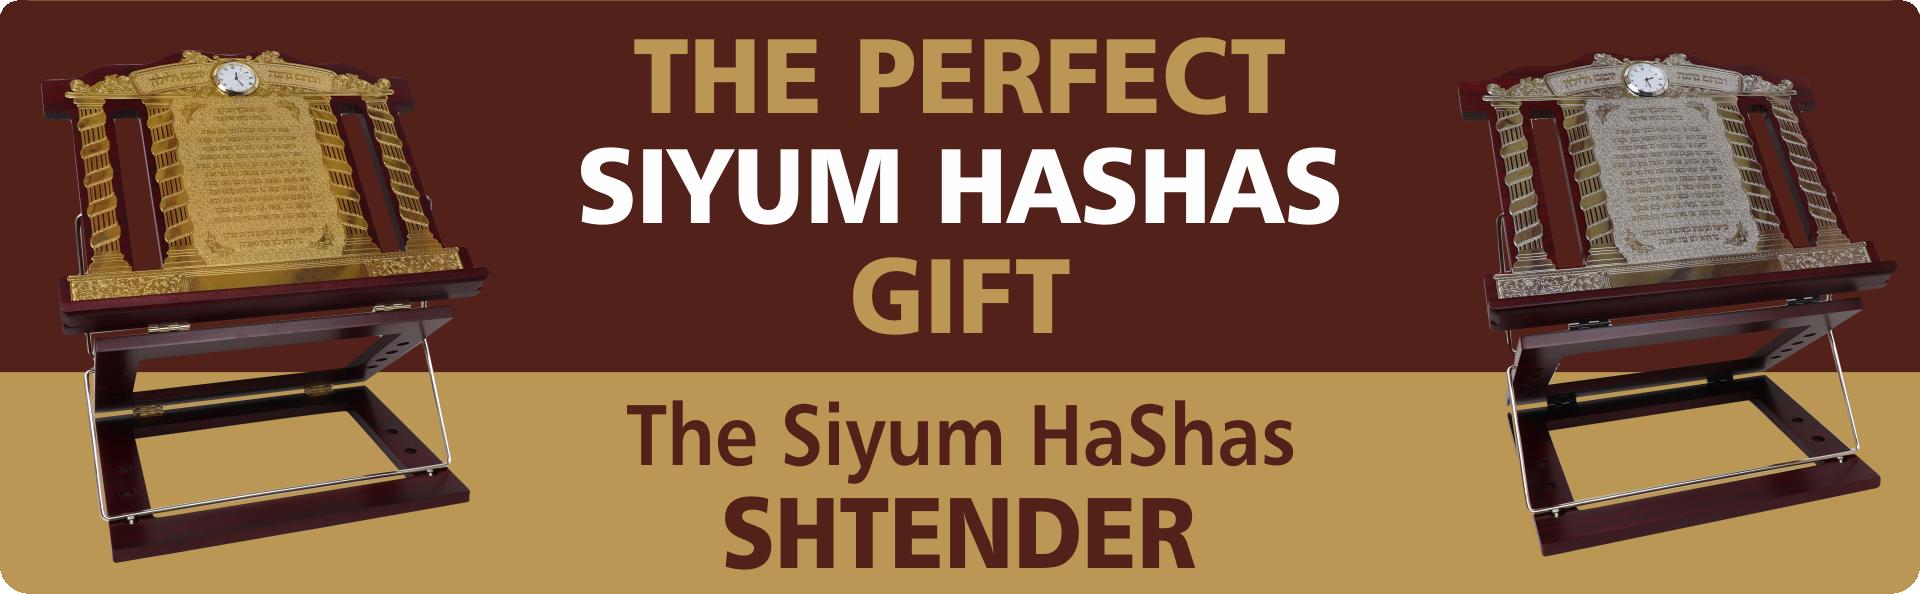 Siyum hashas shtenter banner 1575532837